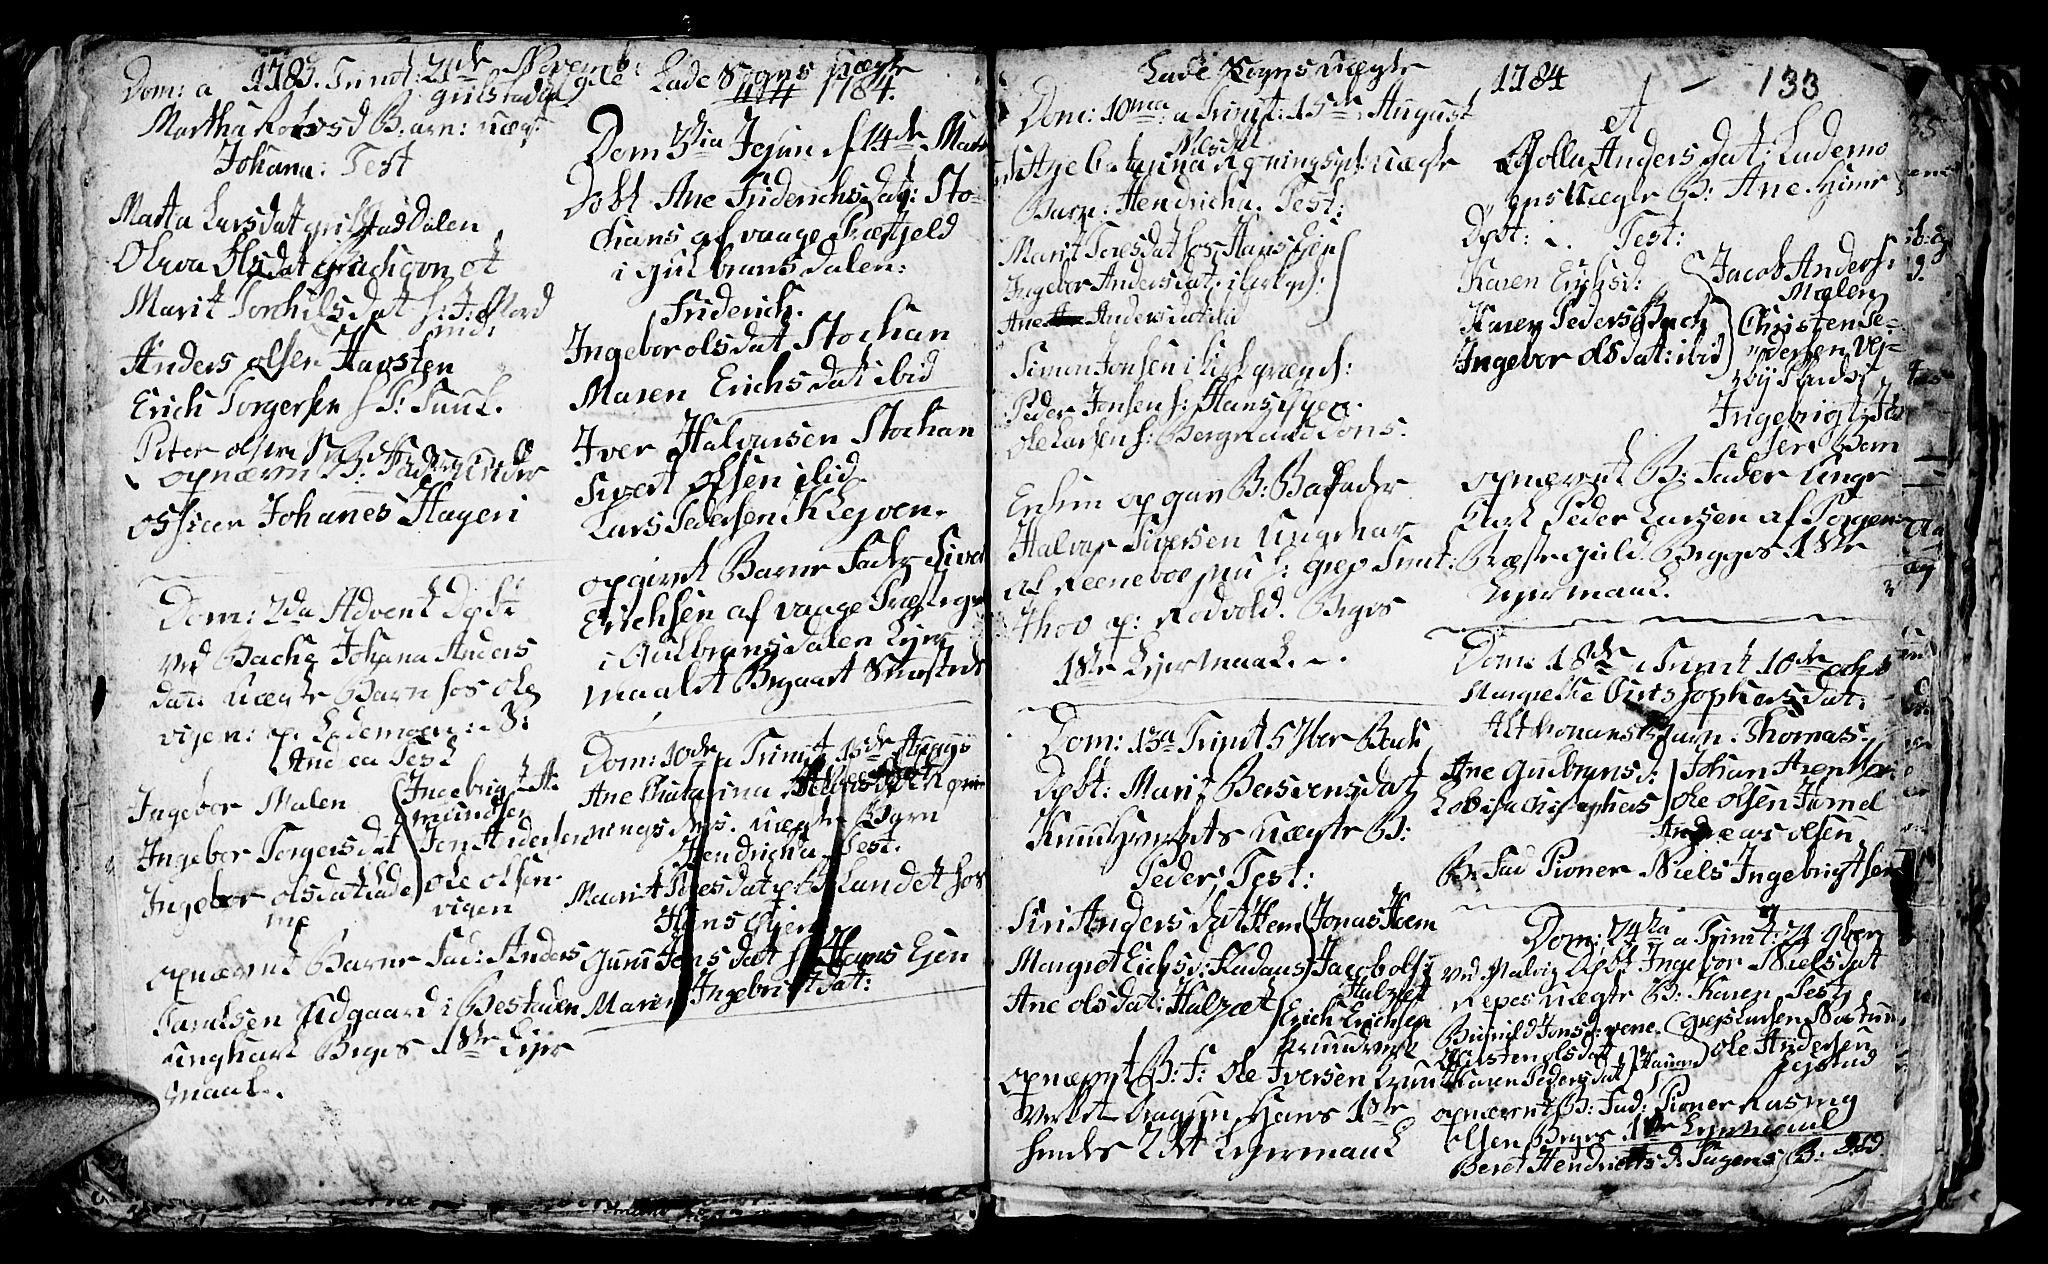 SAT, Ministerialprotokoller, klokkerbøker og fødselsregistre - Sør-Trøndelag, 606/L0305: Klokkerbok nr. 606C01, 1757-1819, s. 133